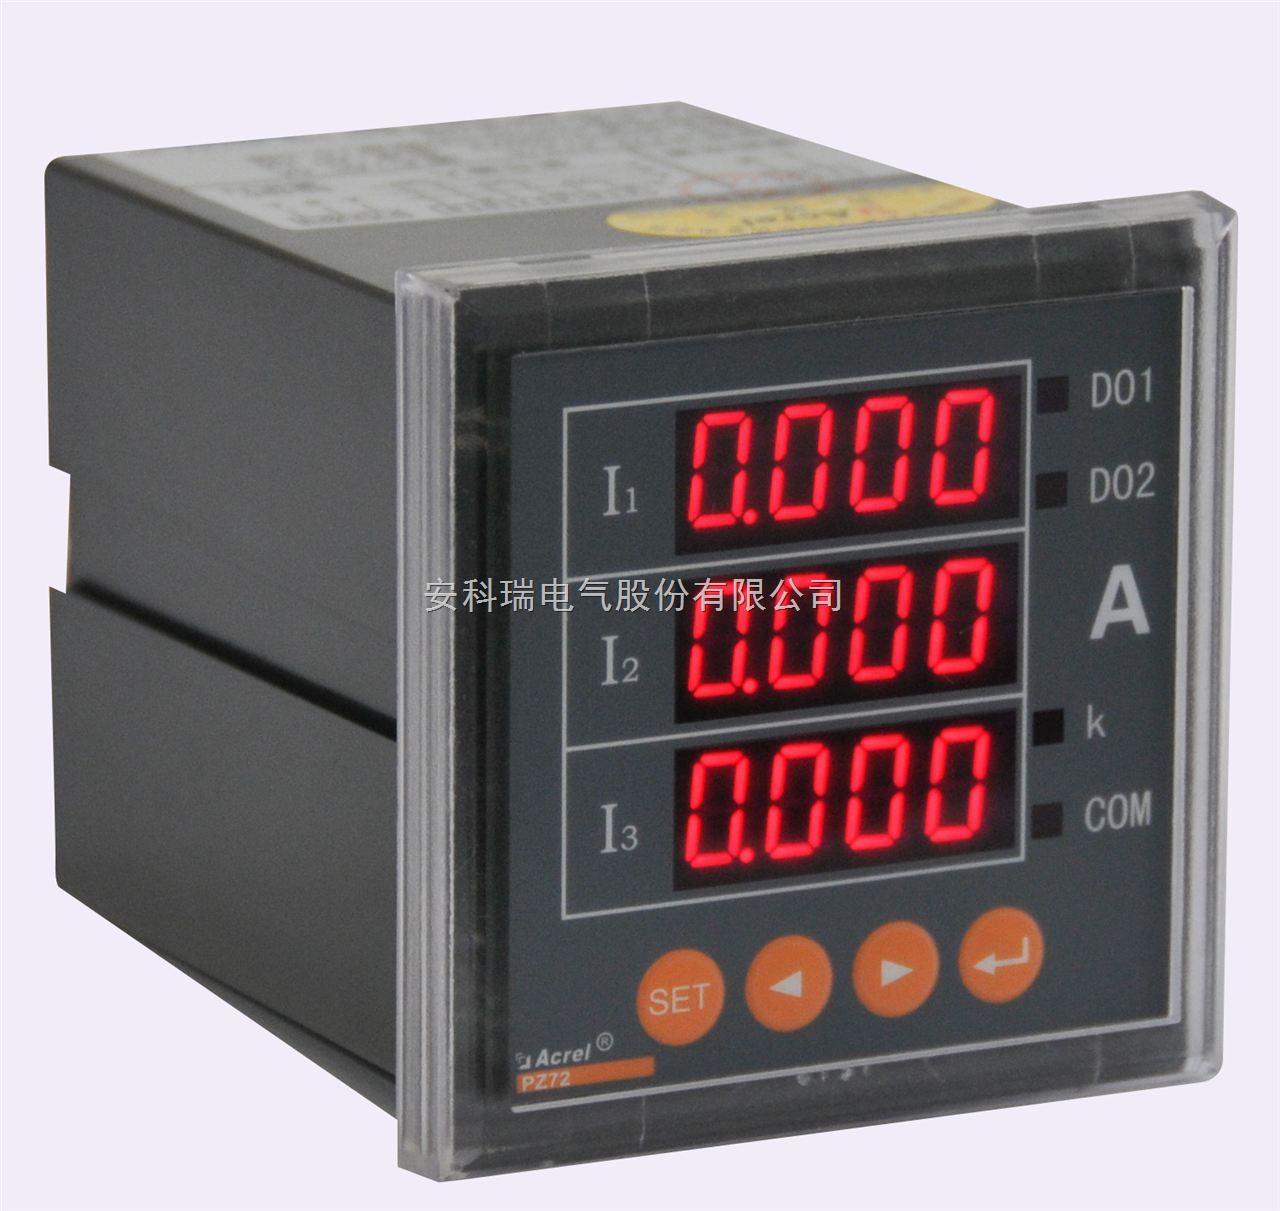 安科瑞三相电压表直营PA72-AV3